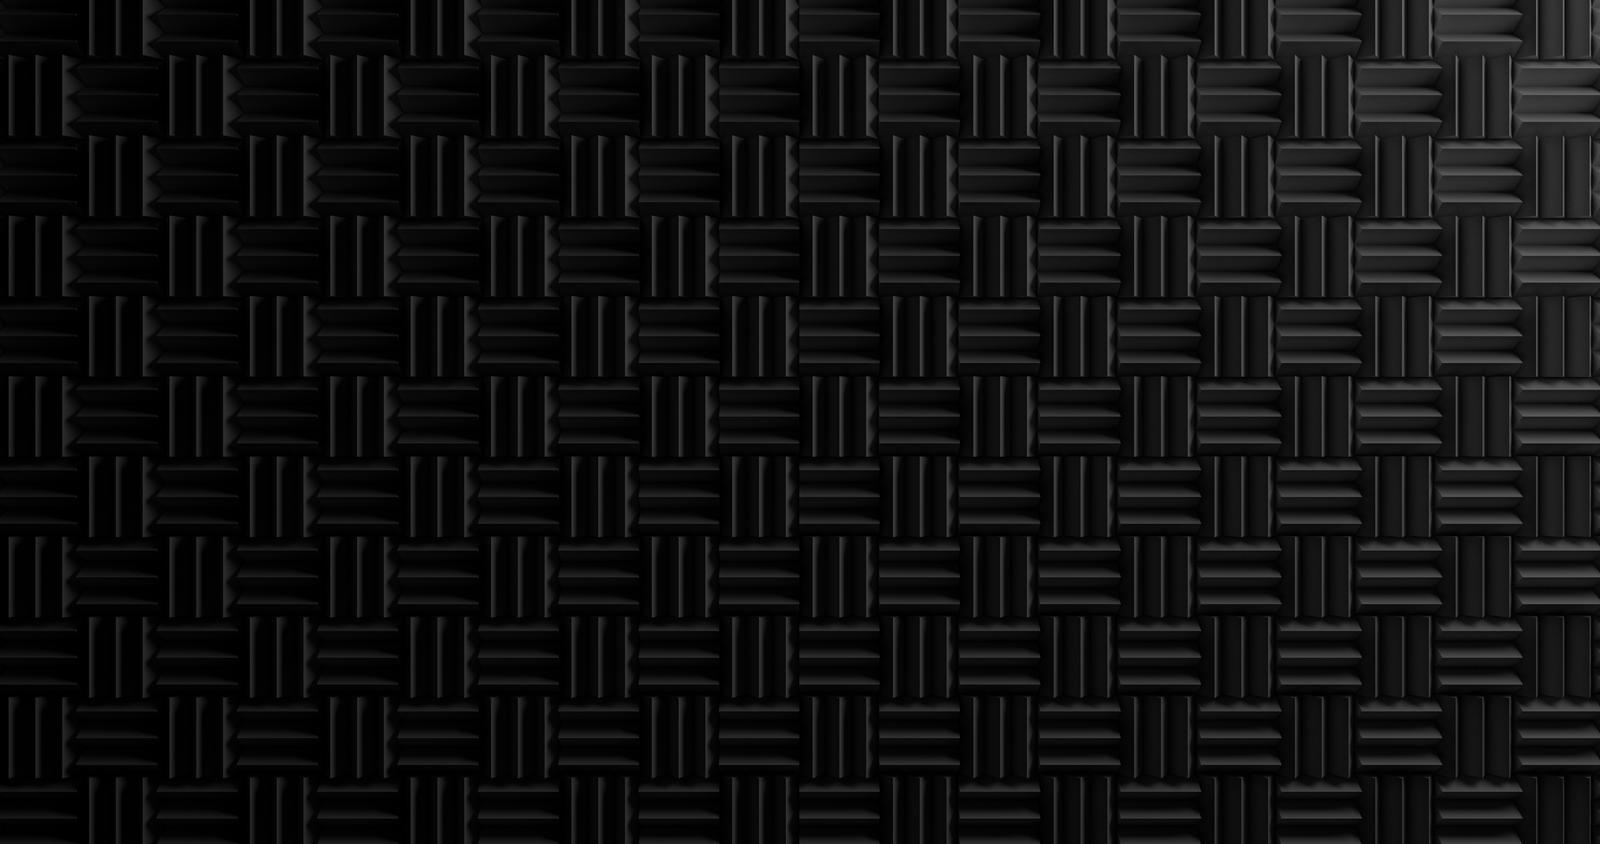 akustik sünger paneller